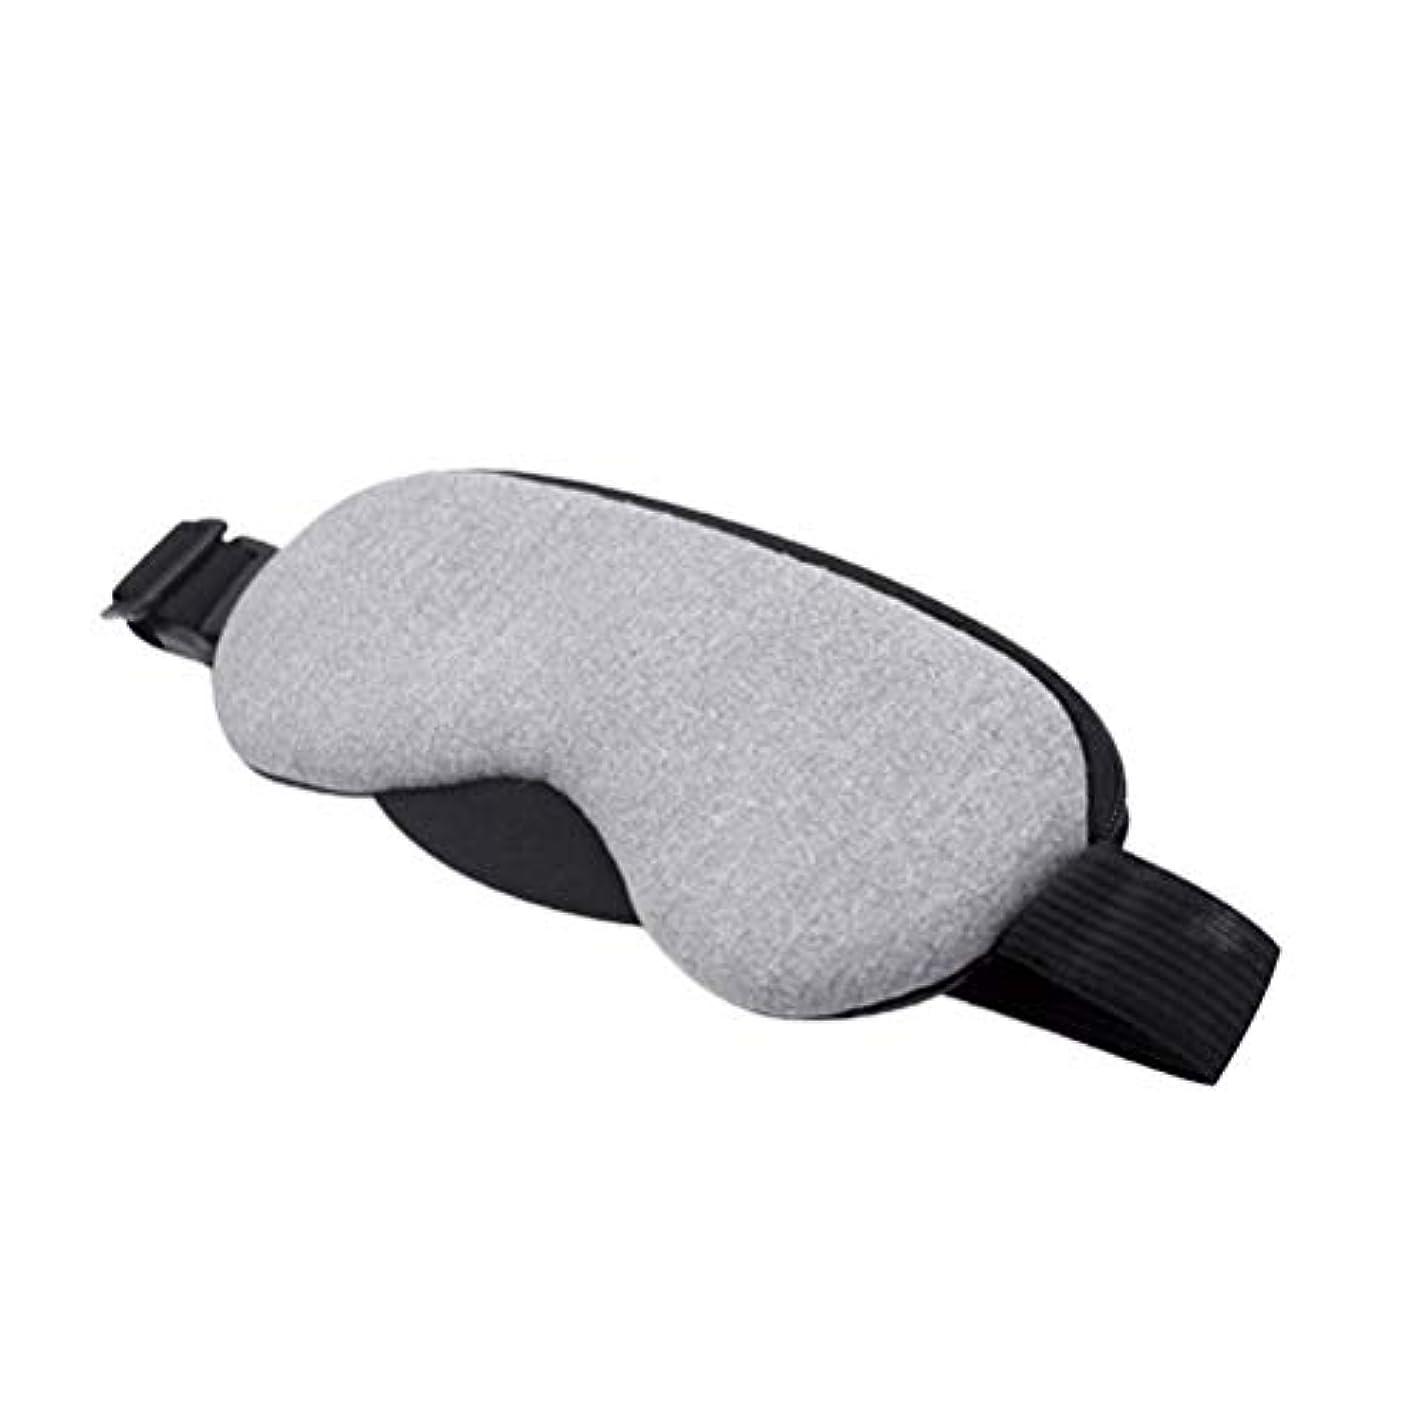 策定するサラダ落ちたHealifty アイマスク 蒸気ホットアイマスク USB 加熱式 スリーピングアイマスク 温度とタイミング制御 吹き出物/乾燥/疲れた目(灰色)